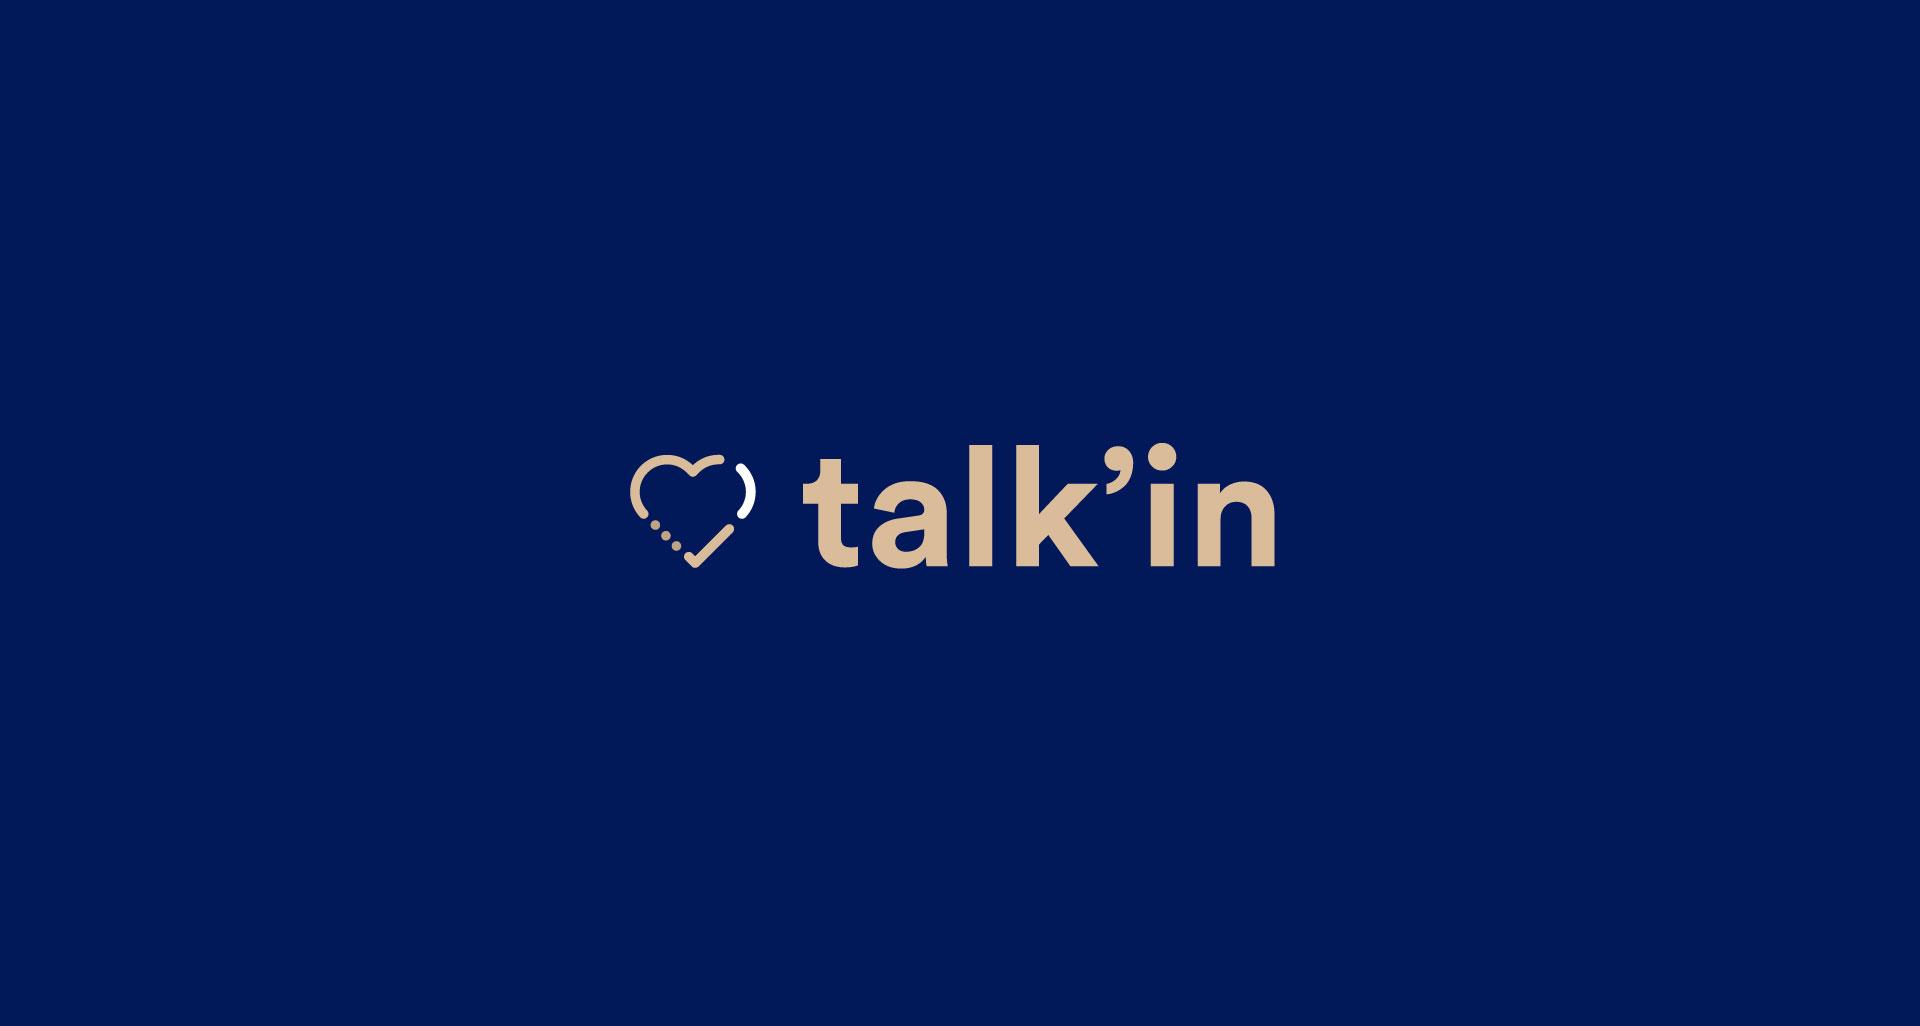 Projet pourTalkin par l'agence Cassian